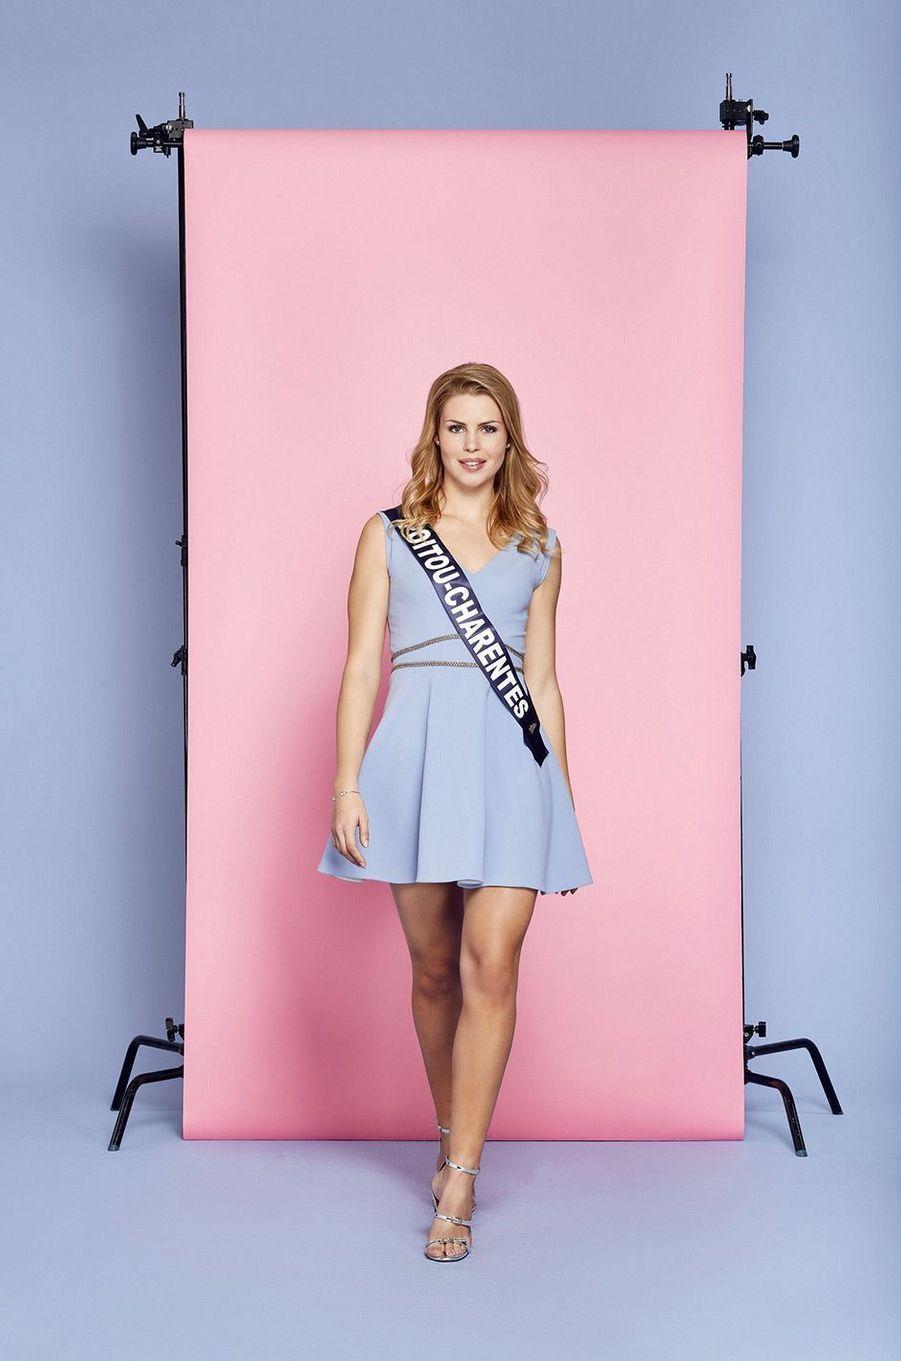 Miss Poitou-Charentes: Marion Sokolik